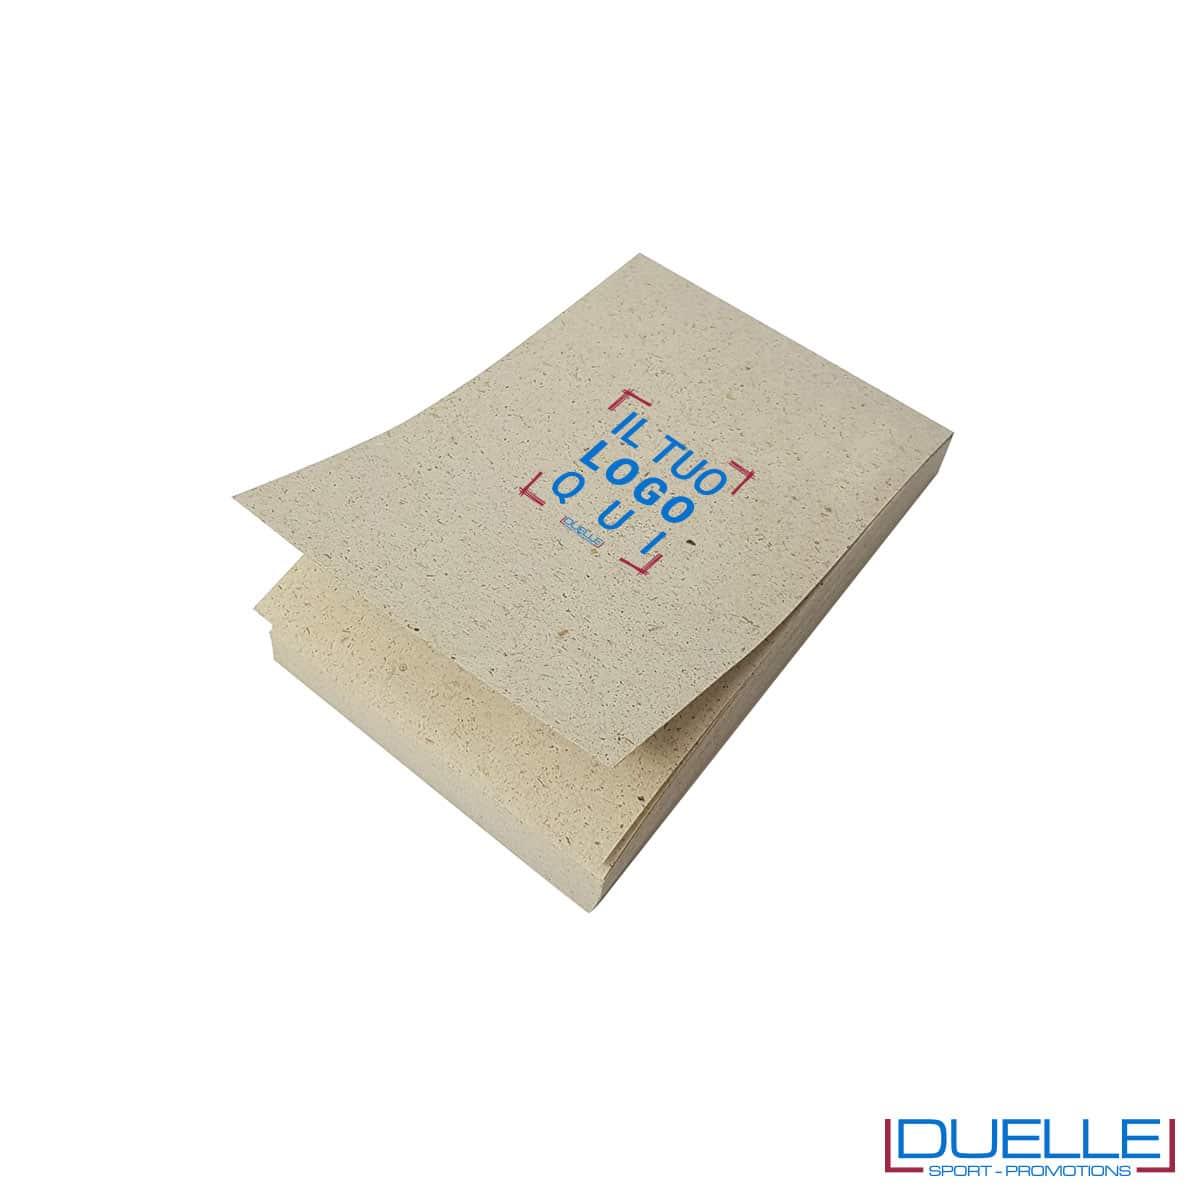 Blocco appunti in carta di erba essiccata e cellulosa